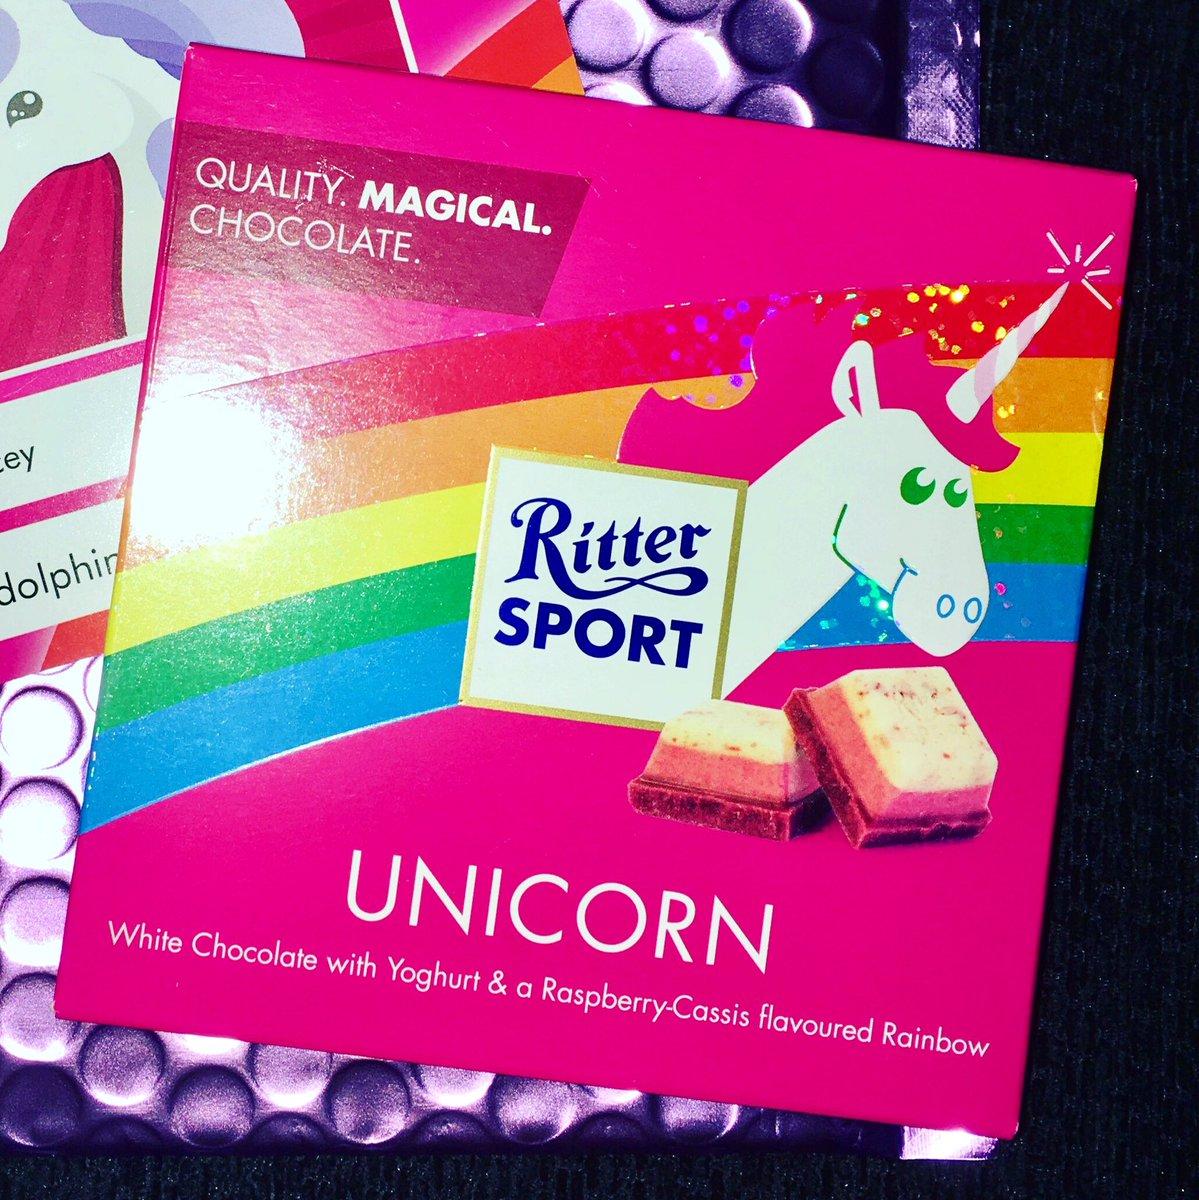 ritter-sport-cioccolato-unicorno